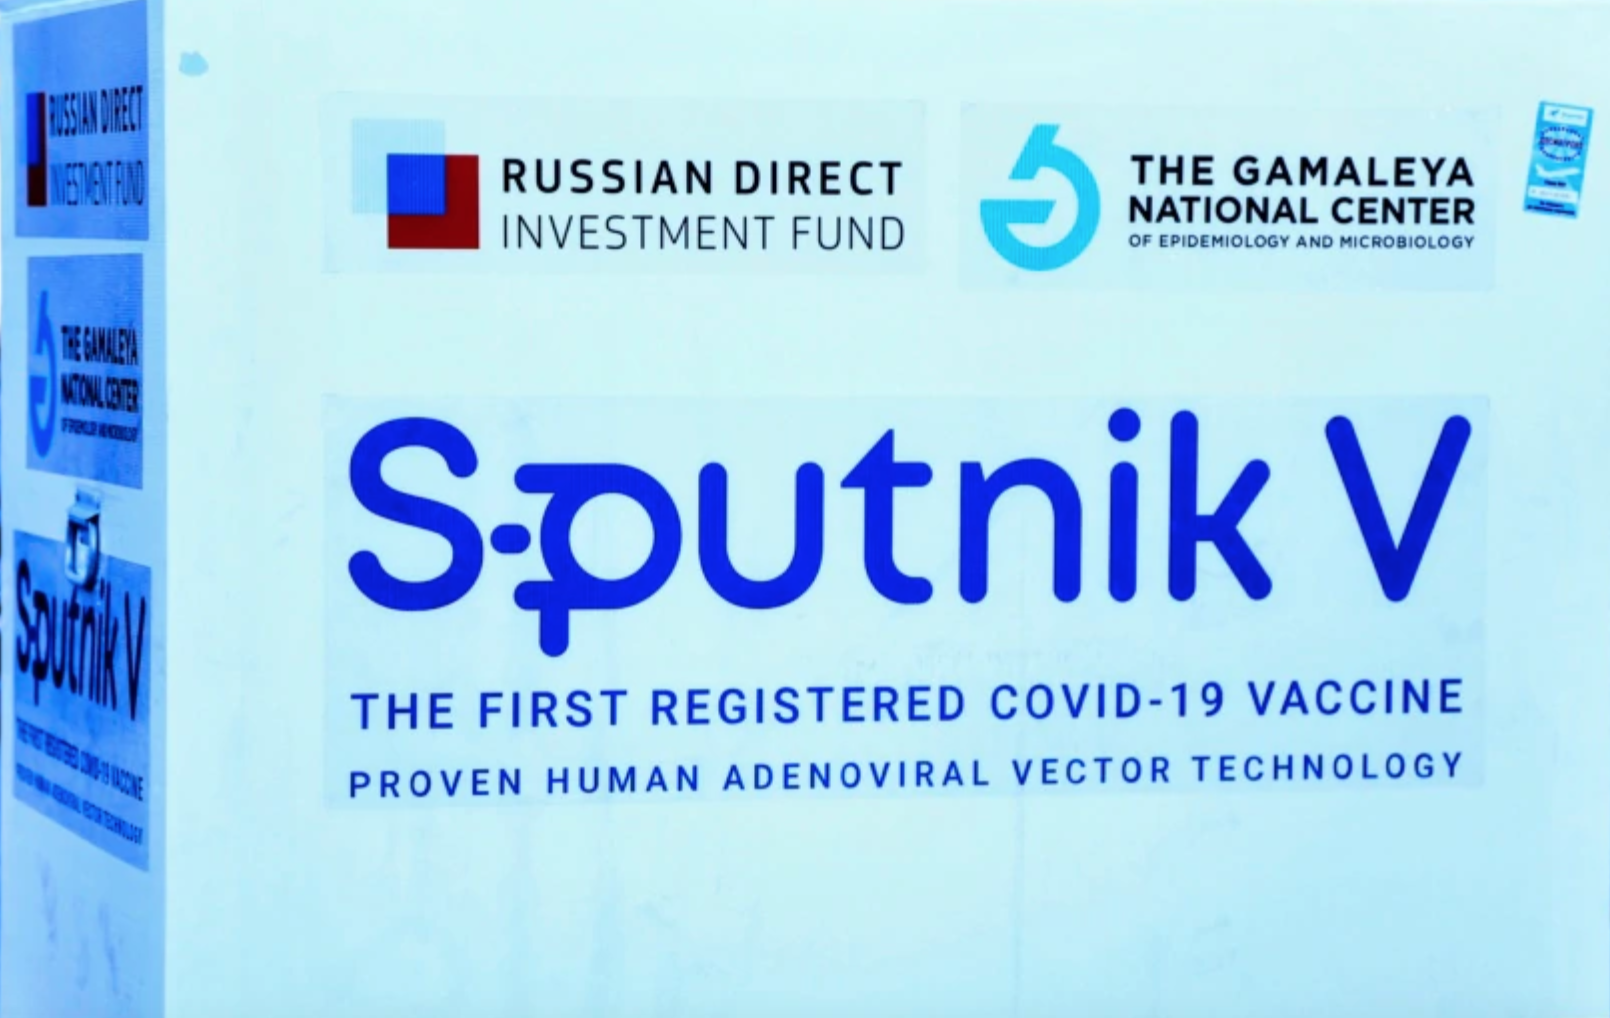 Sputnik V: Povestea din spatele controversatului vaccin rusesc care-si dovedeste eficienta